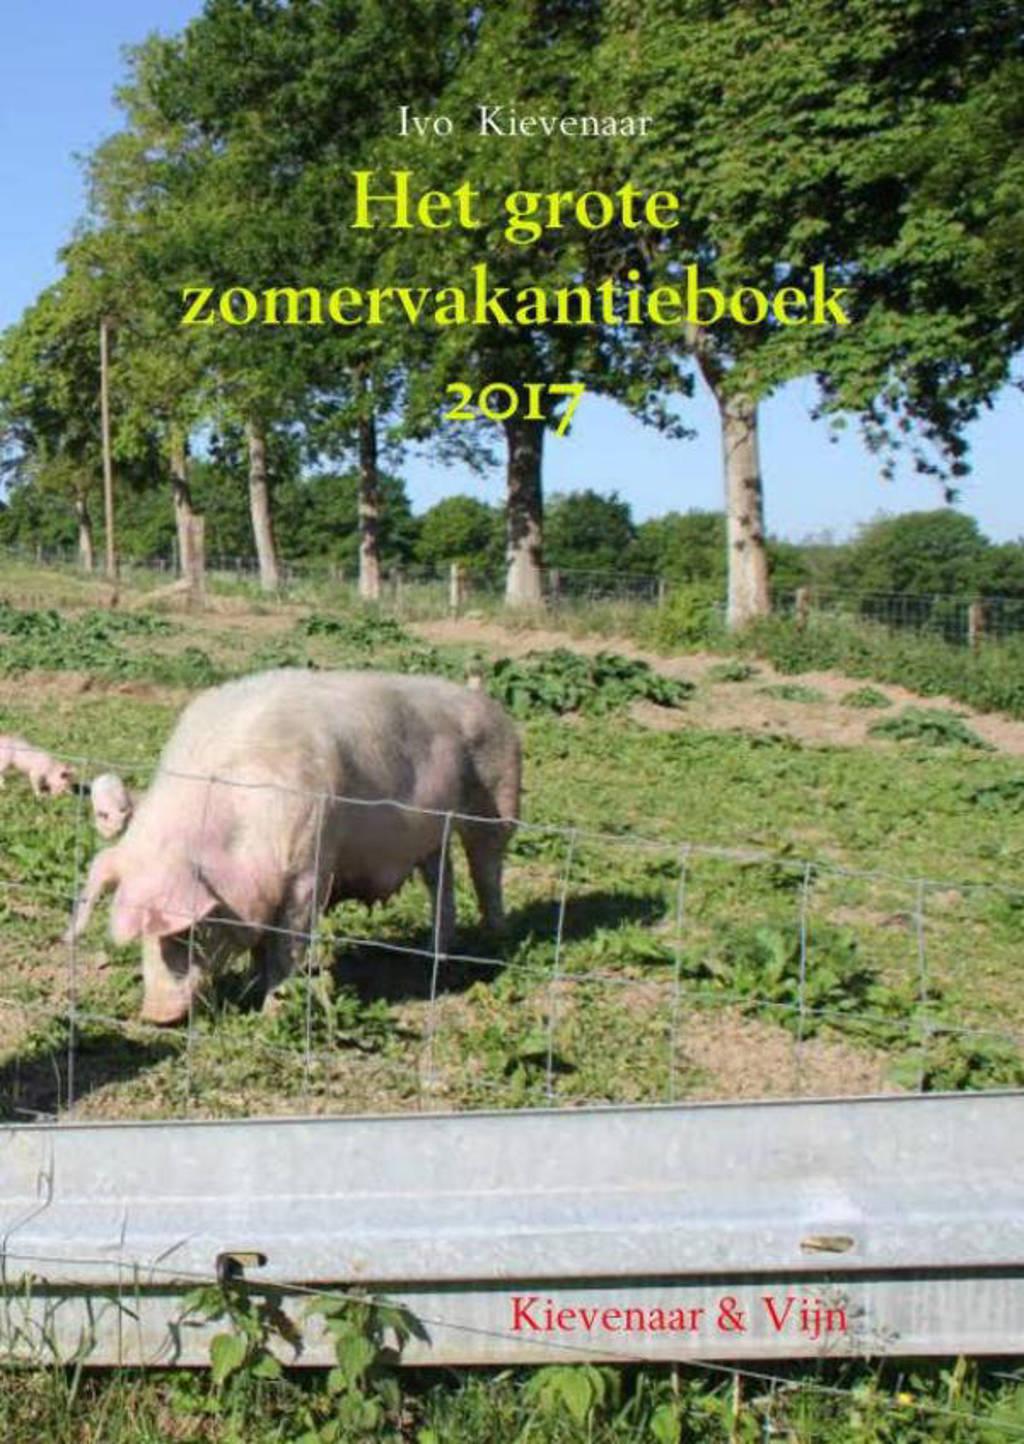 Het grote zomervakantieboek 2017 - Ivo Kievenaar